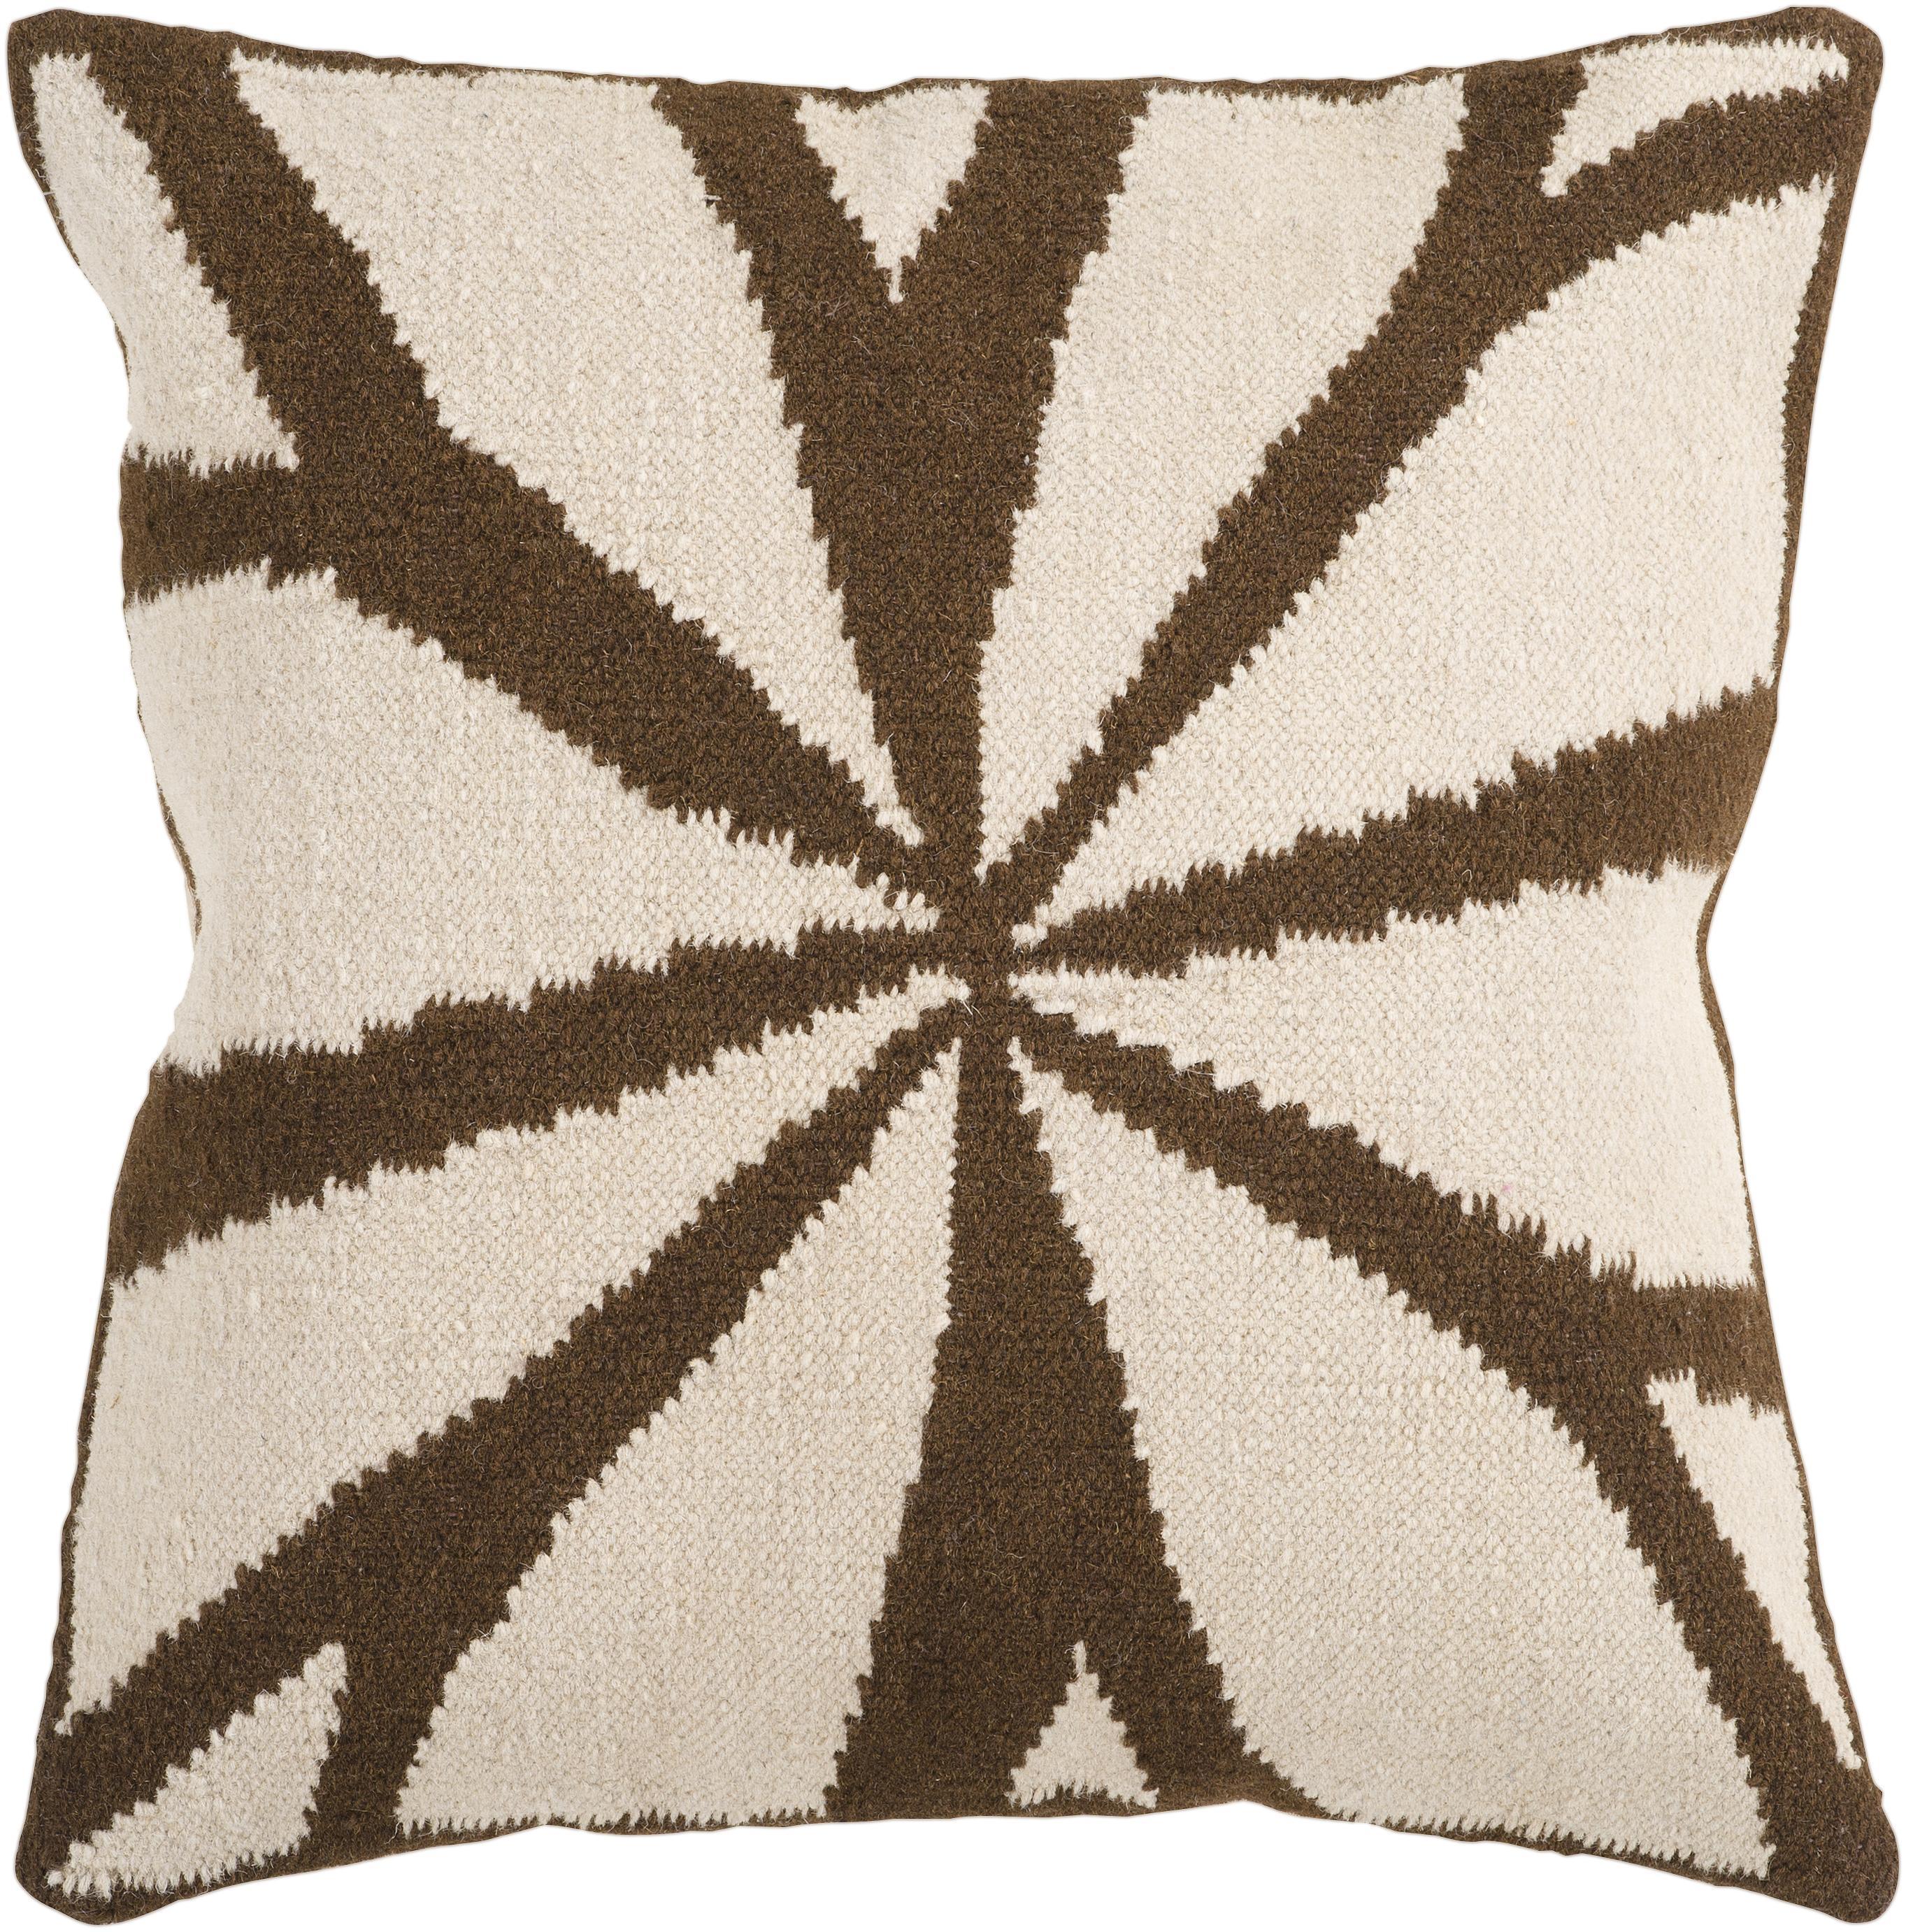 """Surya Rugs Pillows 18"""" x 18"""" Pillow - Item Number: FA011-1818P"""